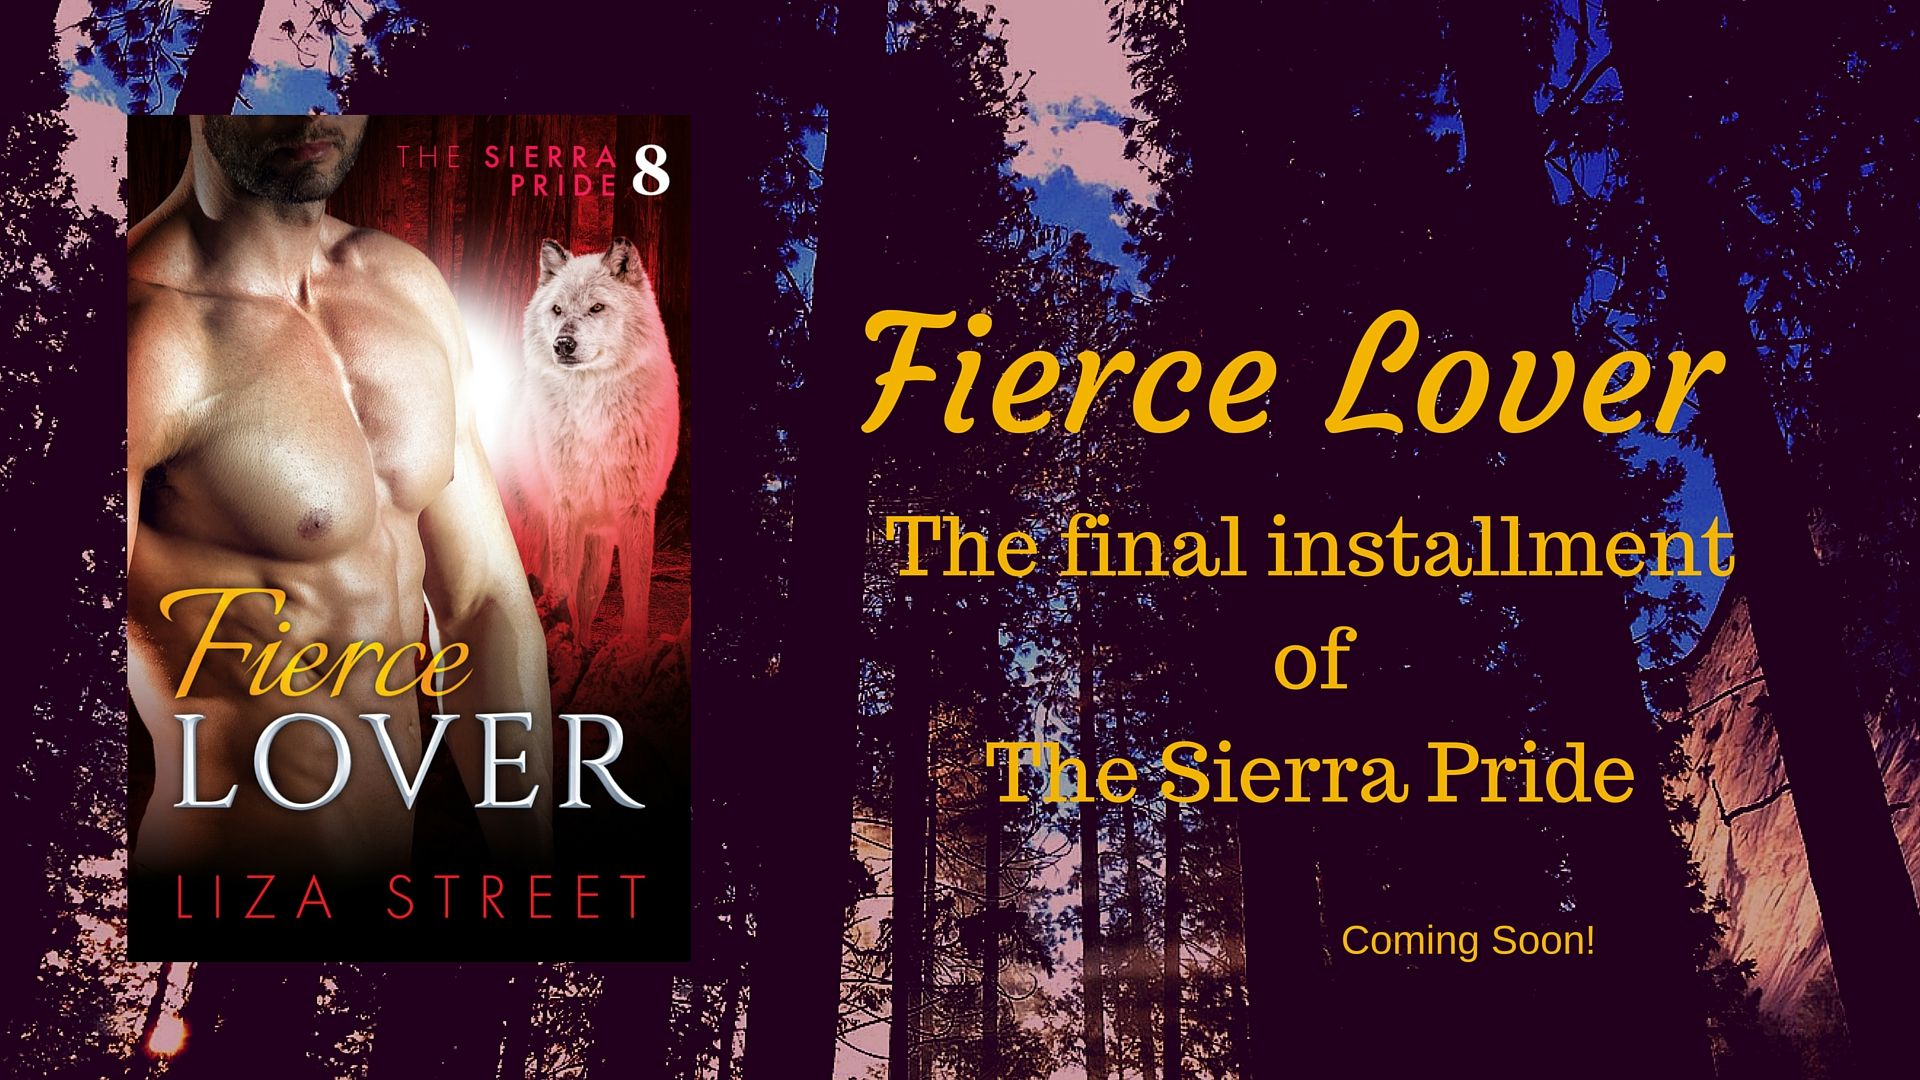 fierce-lover-coming-soon